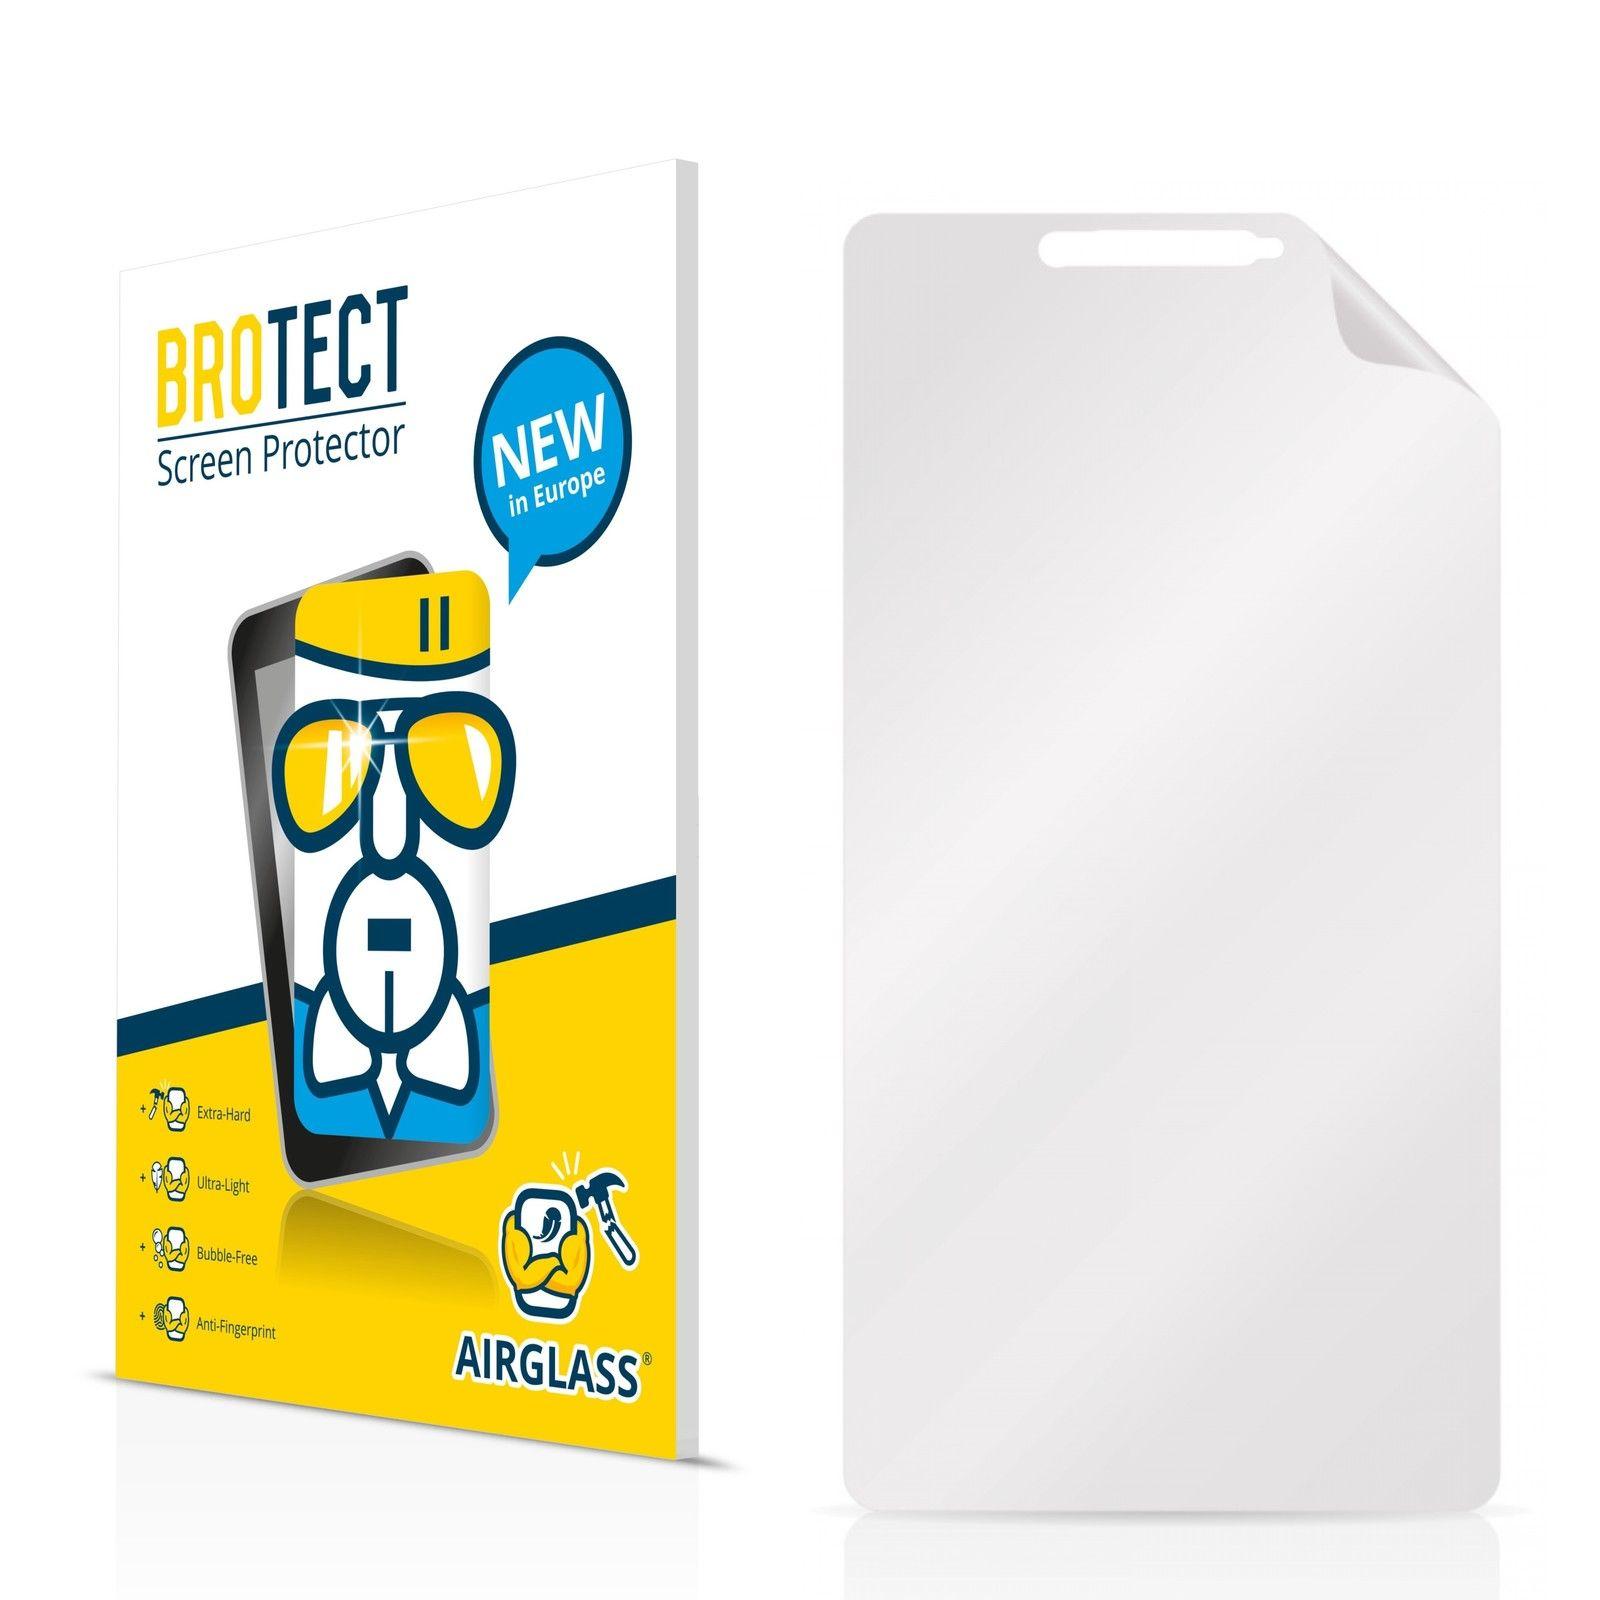 Extra tvrzená ochranná fólie (tvrzené sklo) AirGlass Brotec na LCD pro Prestigio MultiPhone 5500 DUO